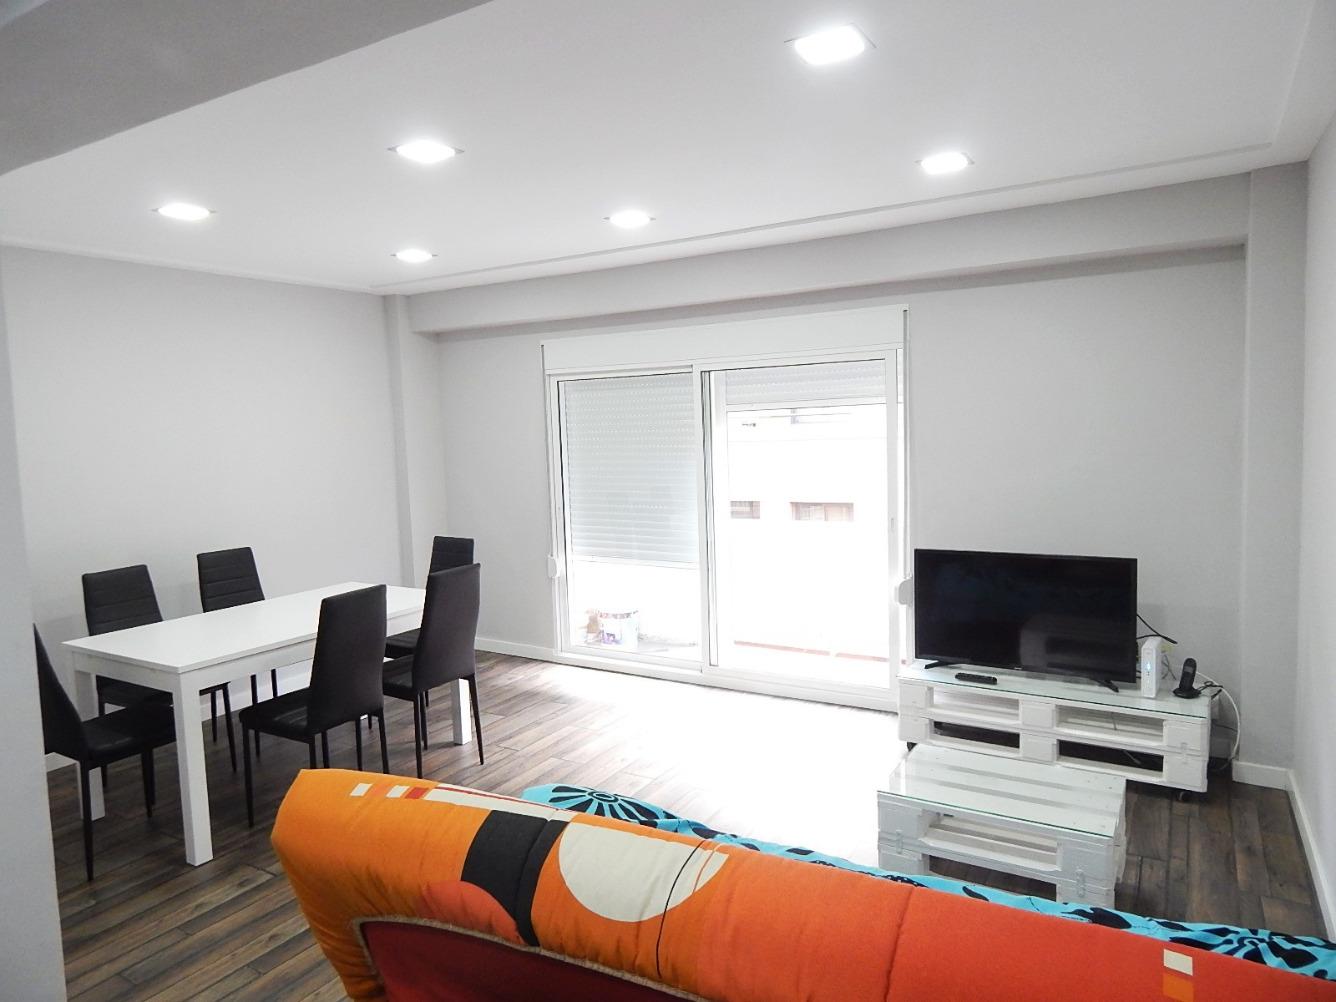 Baño Minusvalidos Segunda Mano:11 días Adaix vende un excelente piso recién reformado en el Centro